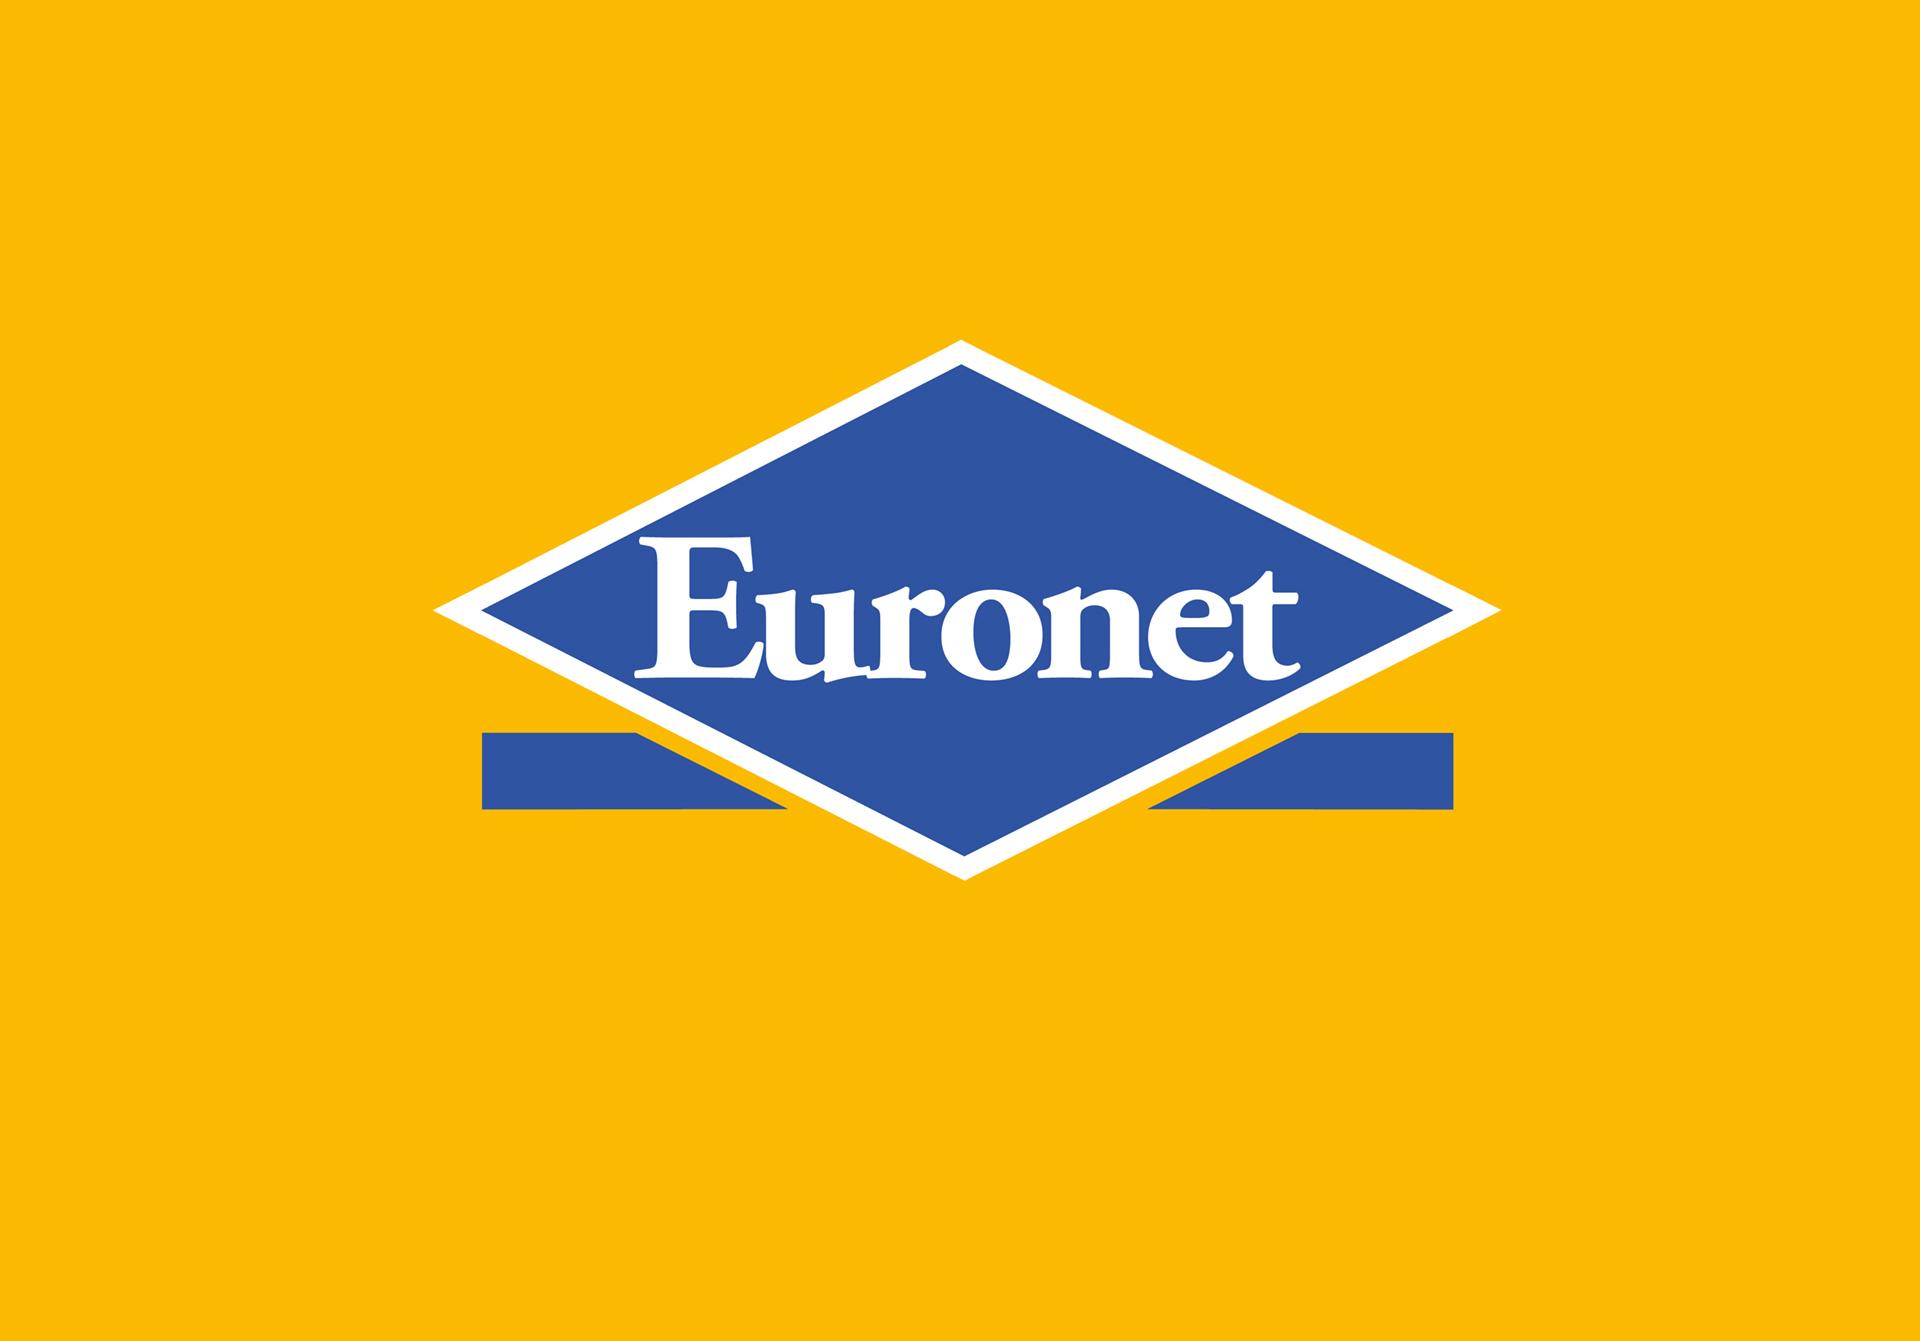 Euronet - Geldautomat - ATM Neumünster